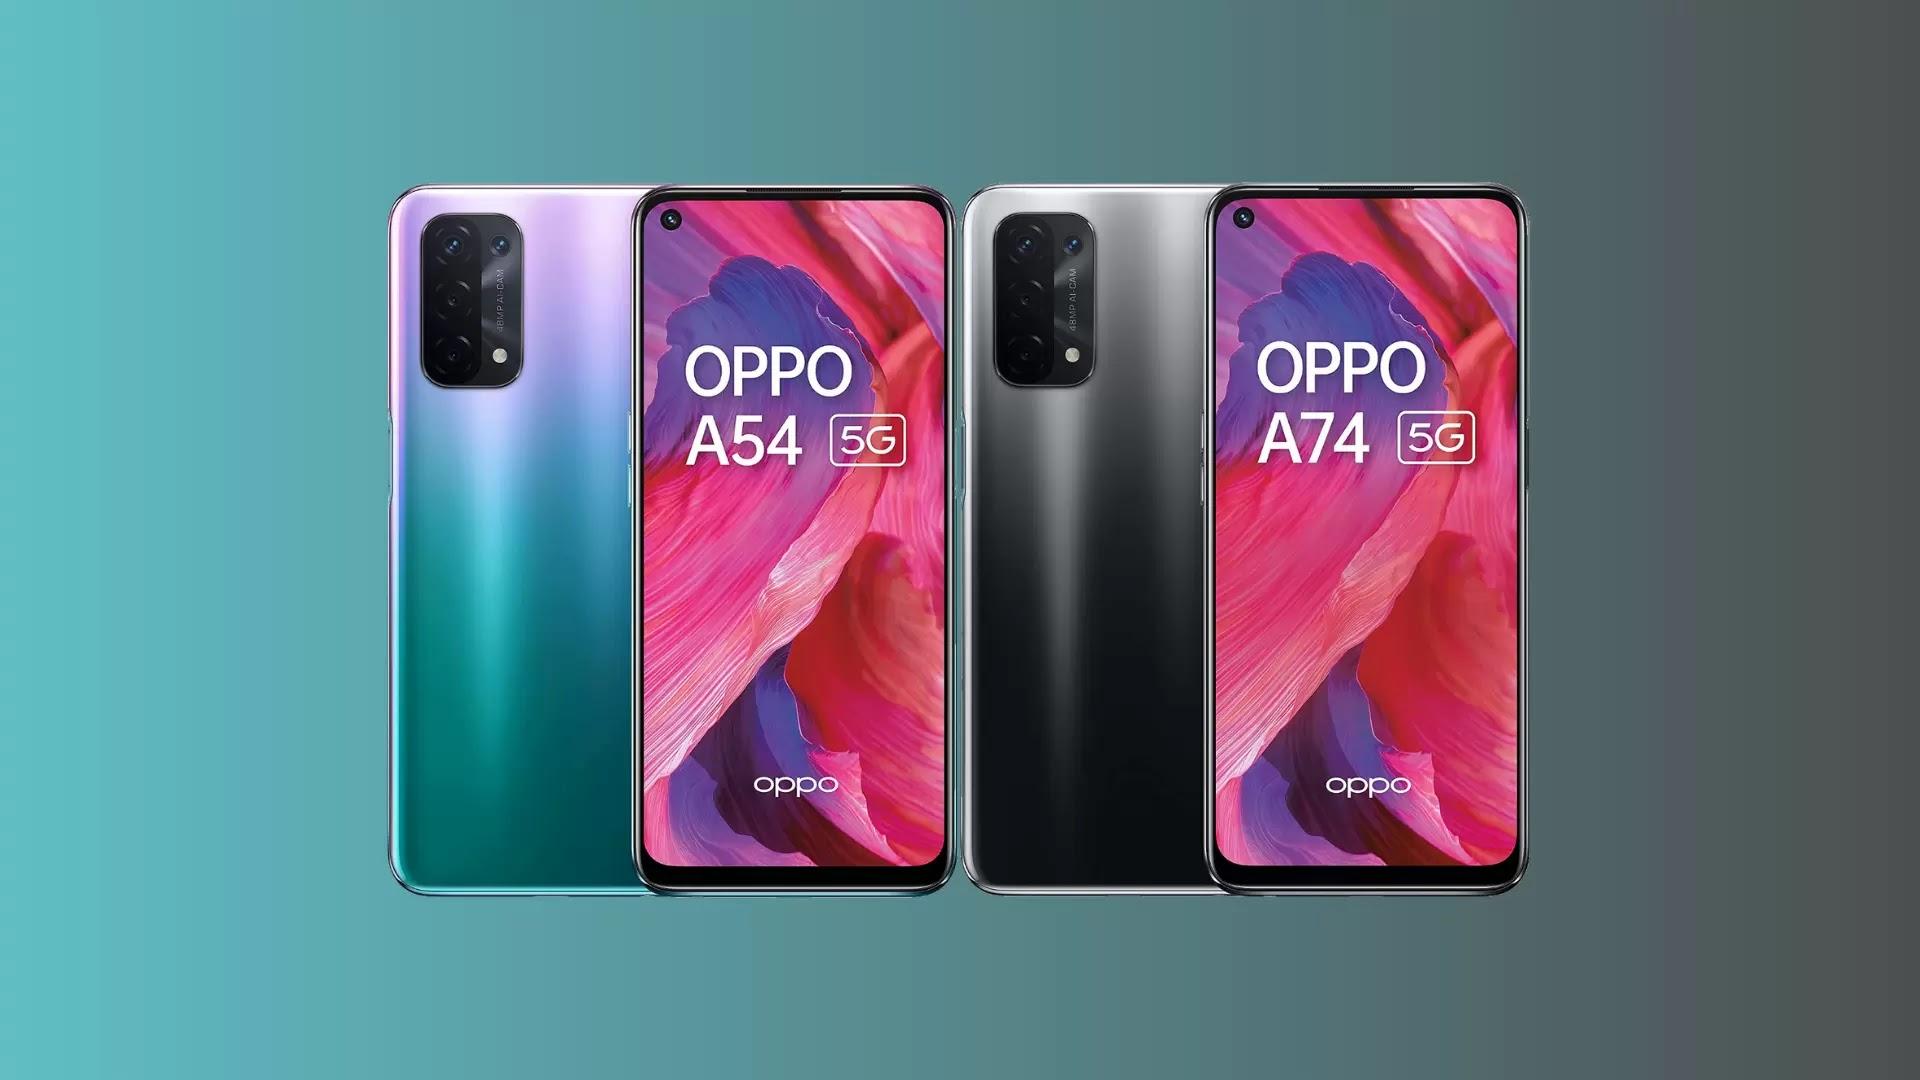 ইউরোপে হল লঞ্চ Oppo A54 5G এবং Oppo A74 5G স্মার্টফোন দুটো, জানুন মূল্য এবং স্পেসিফিকেশন